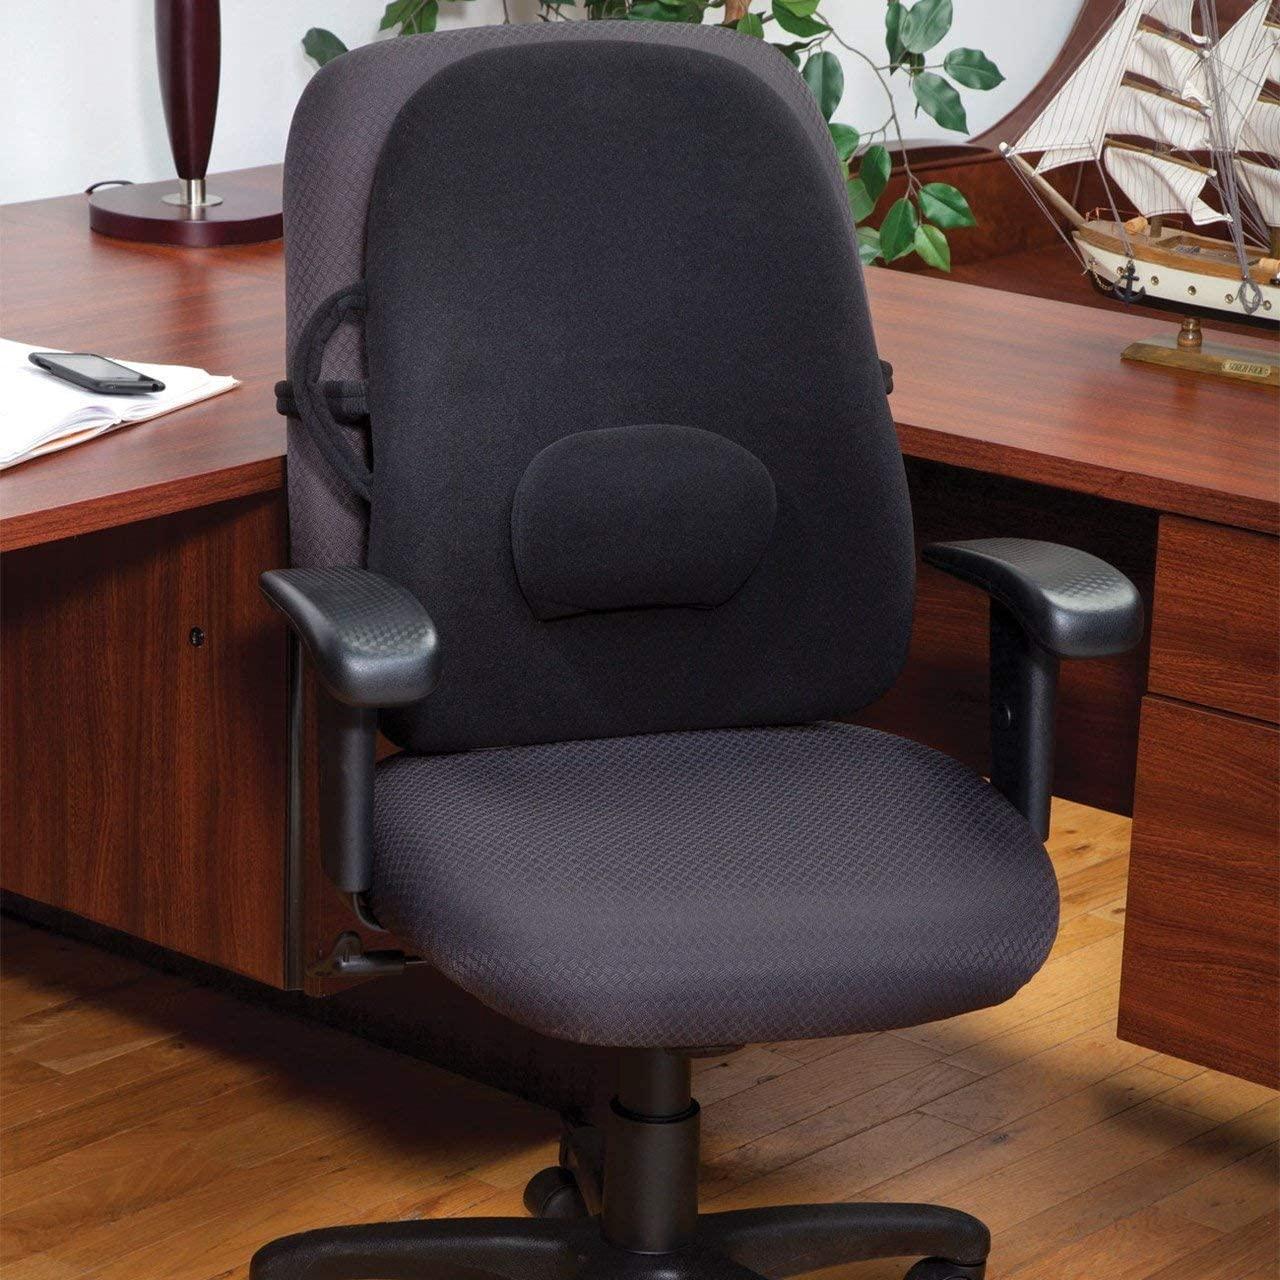 ObusForme Lowback Backrest Support - Black